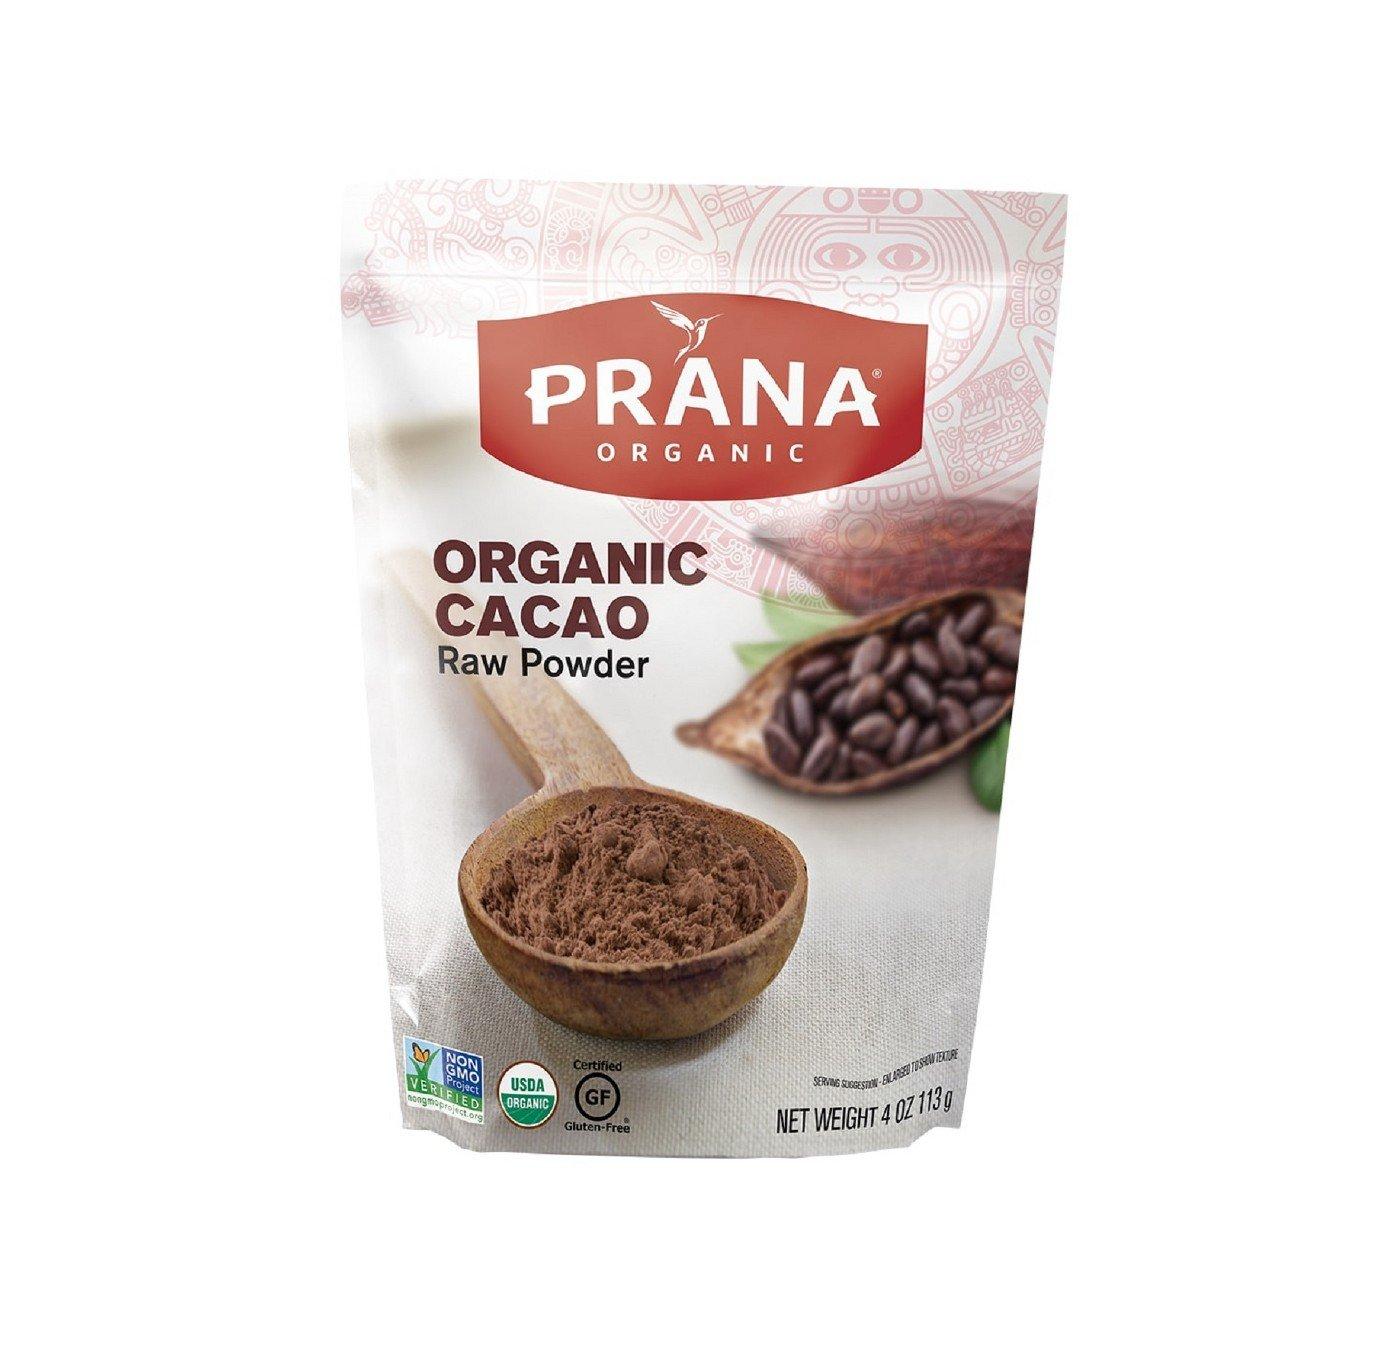 PRANA Organic Cacao Powder 4oz, pack of 1